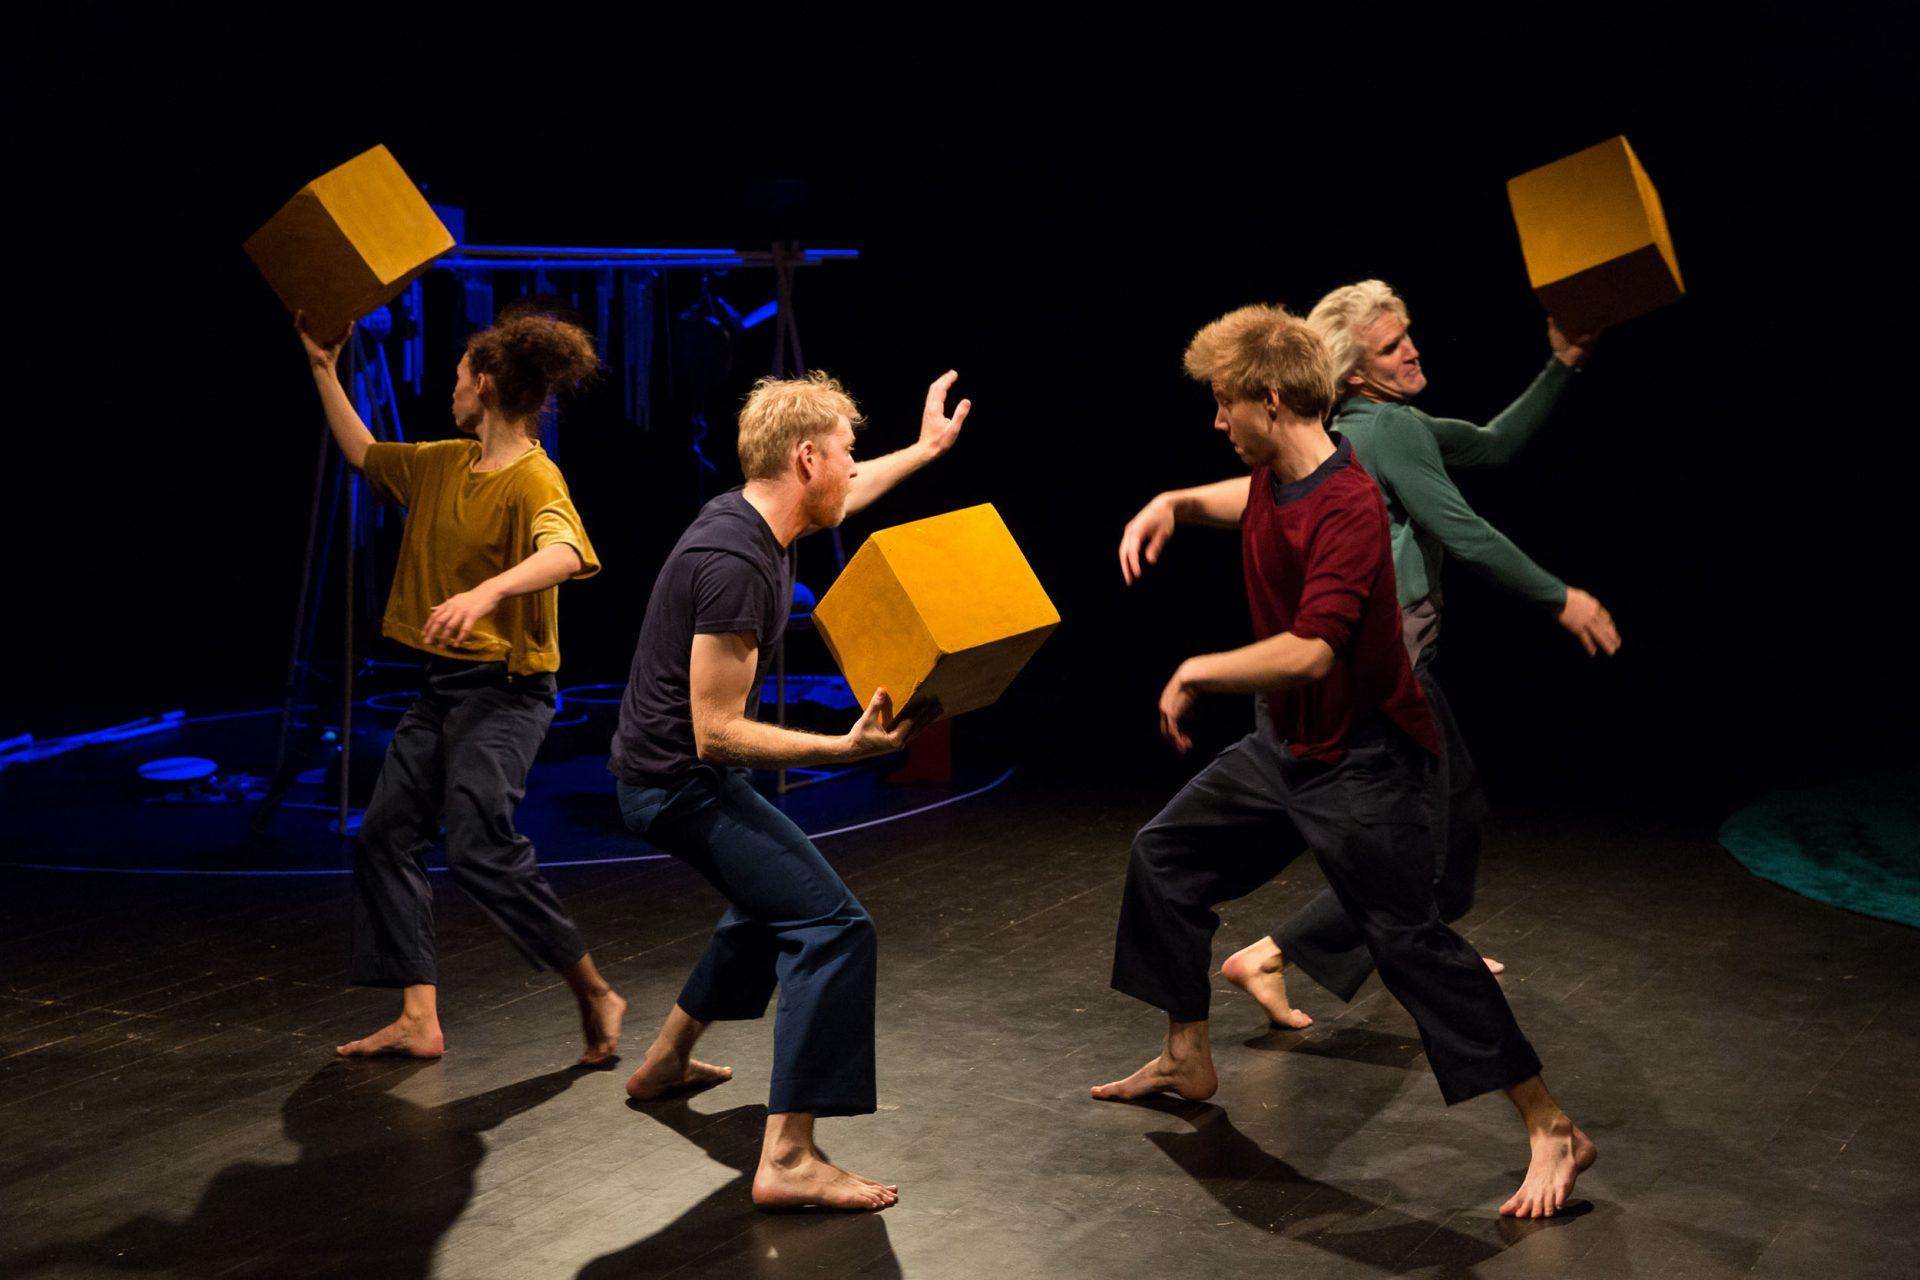 Flygande kuber föreställningen Öar